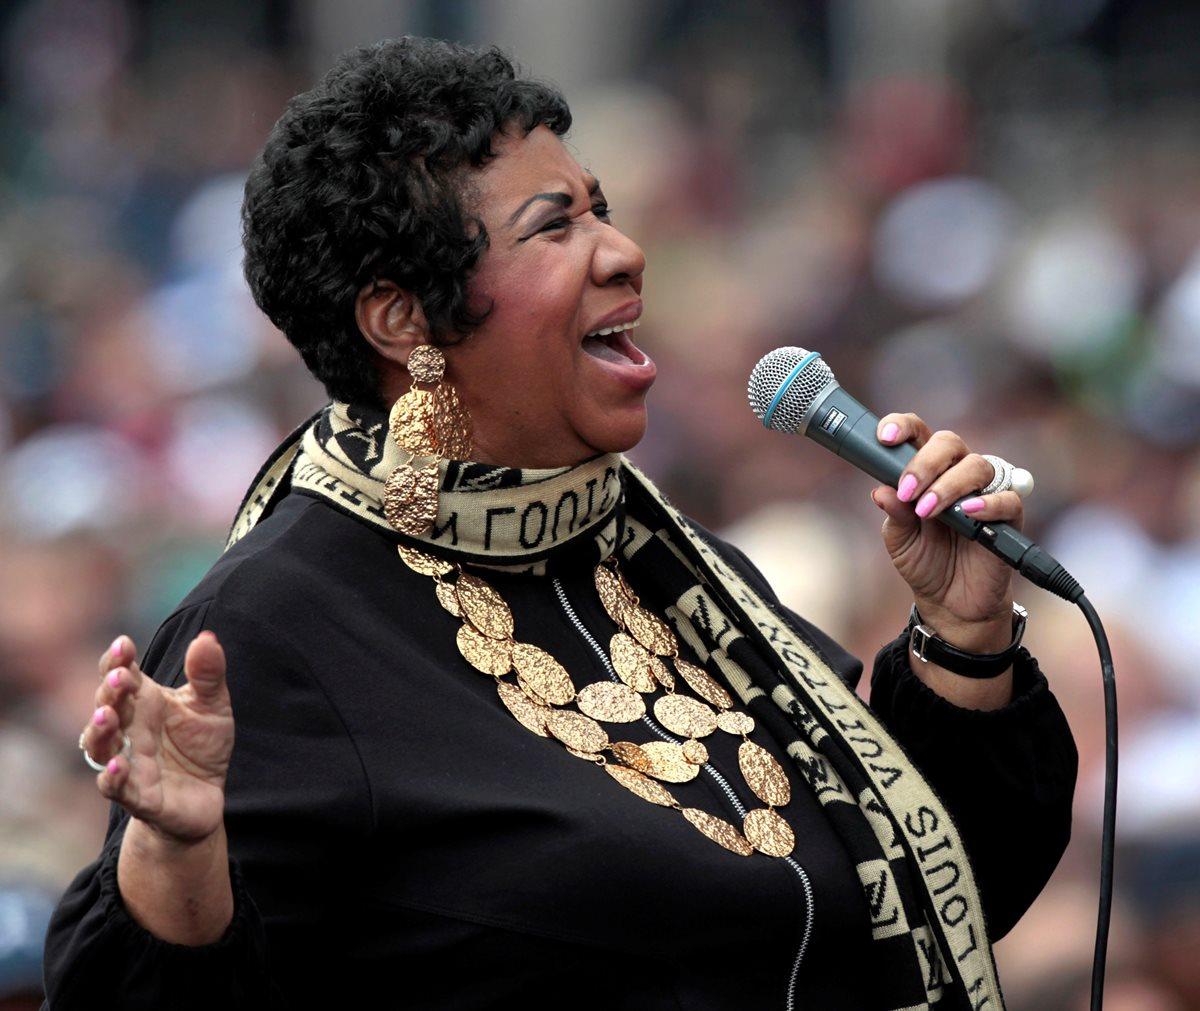 La muerte de Aretha Franklin consternó a varios artistas y personalidades (Foto Prensa Libre: EFE).